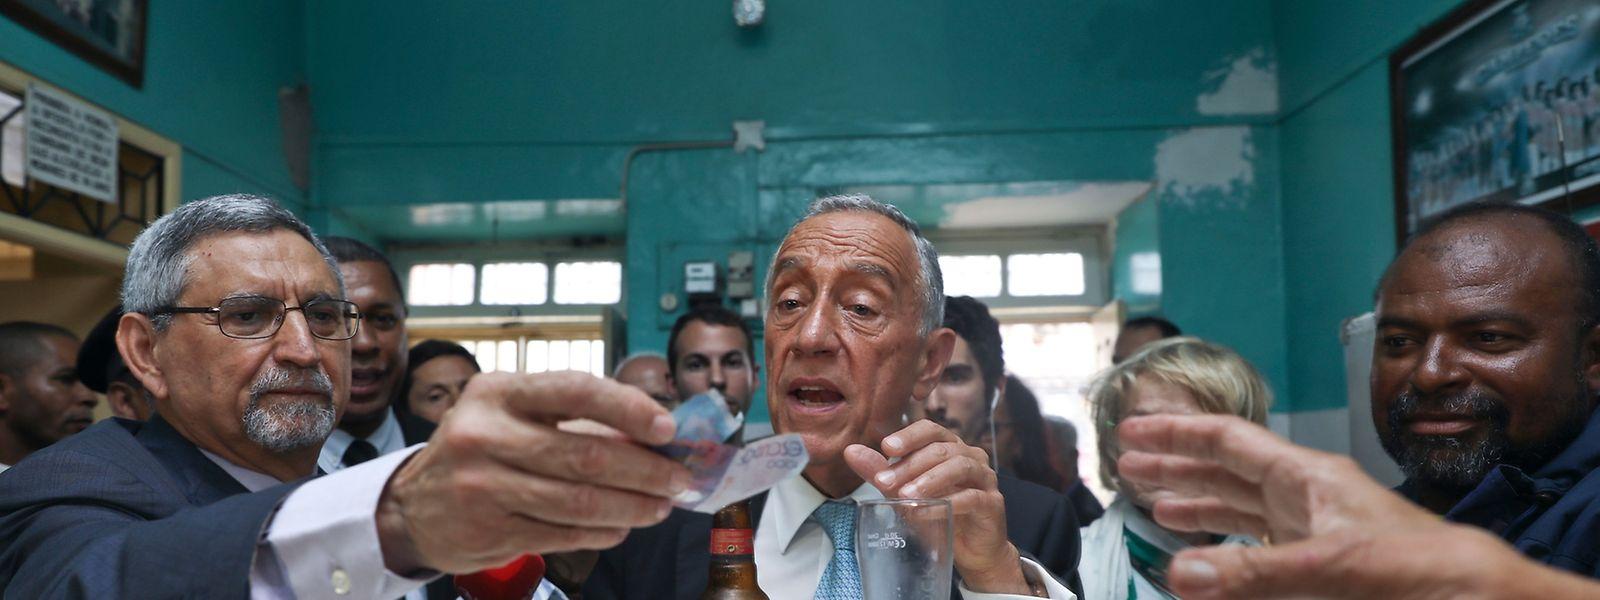 O Presidente da República de Portugal, Marcelo Rebelo de Sousa (D), acompanhado  pelo seu homologo cabo-verdiano, Jorge Carlos Fonseca, durante um passeio no Mindelo, Cabo Verde, 11 de abril de 2017. ANTÓNIO COTRIM/LUSA